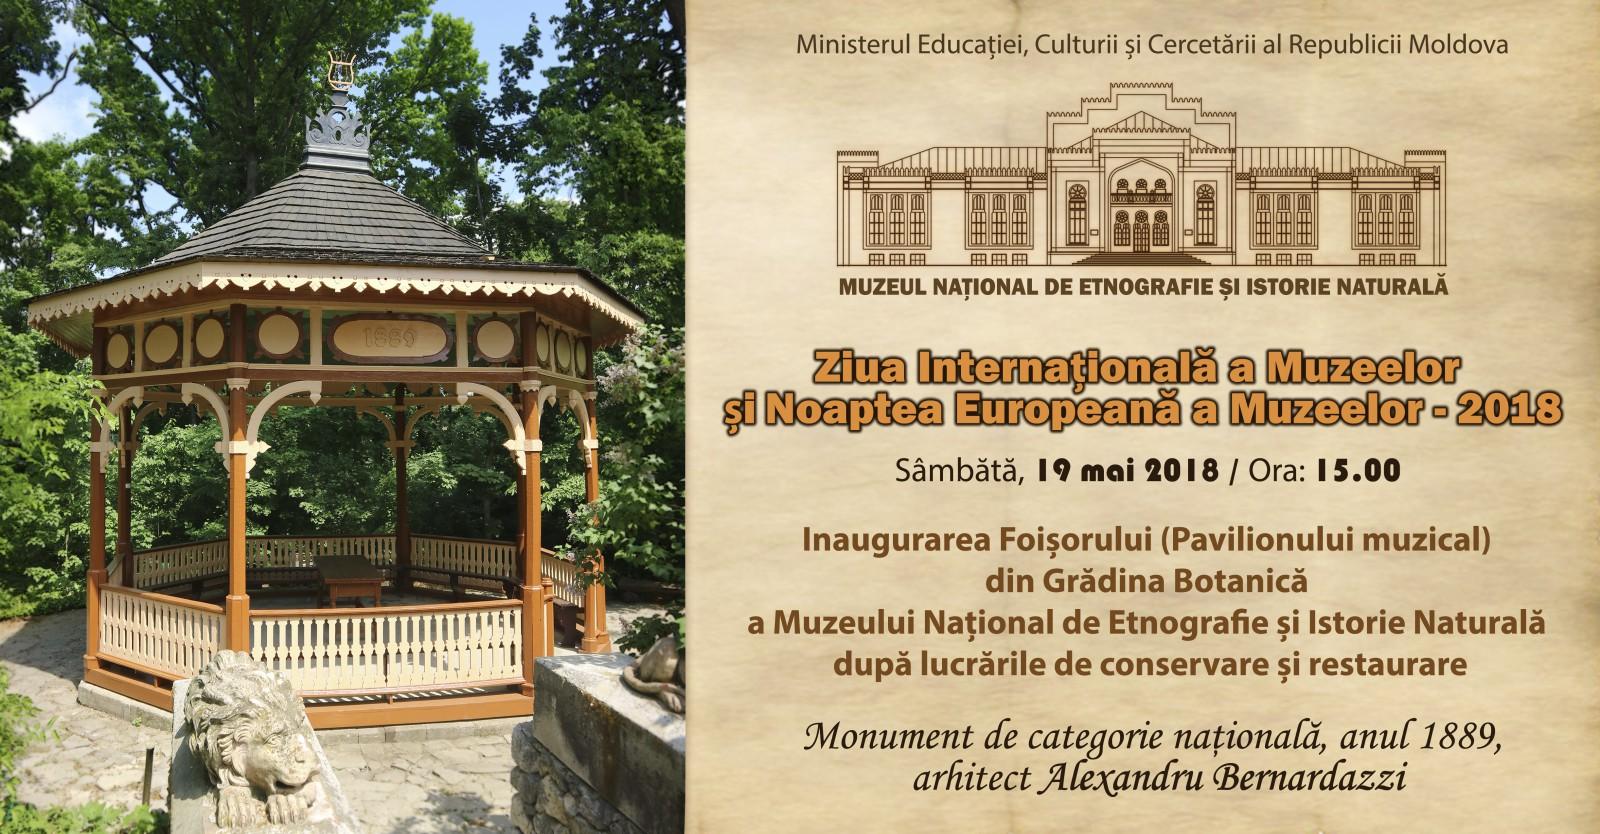 Noaptea Muzeelor 2018: Descoperă foișorul din Grădina Botanică a Muzeului Național de Etnografie și Istorie Naturală. Programul activităților